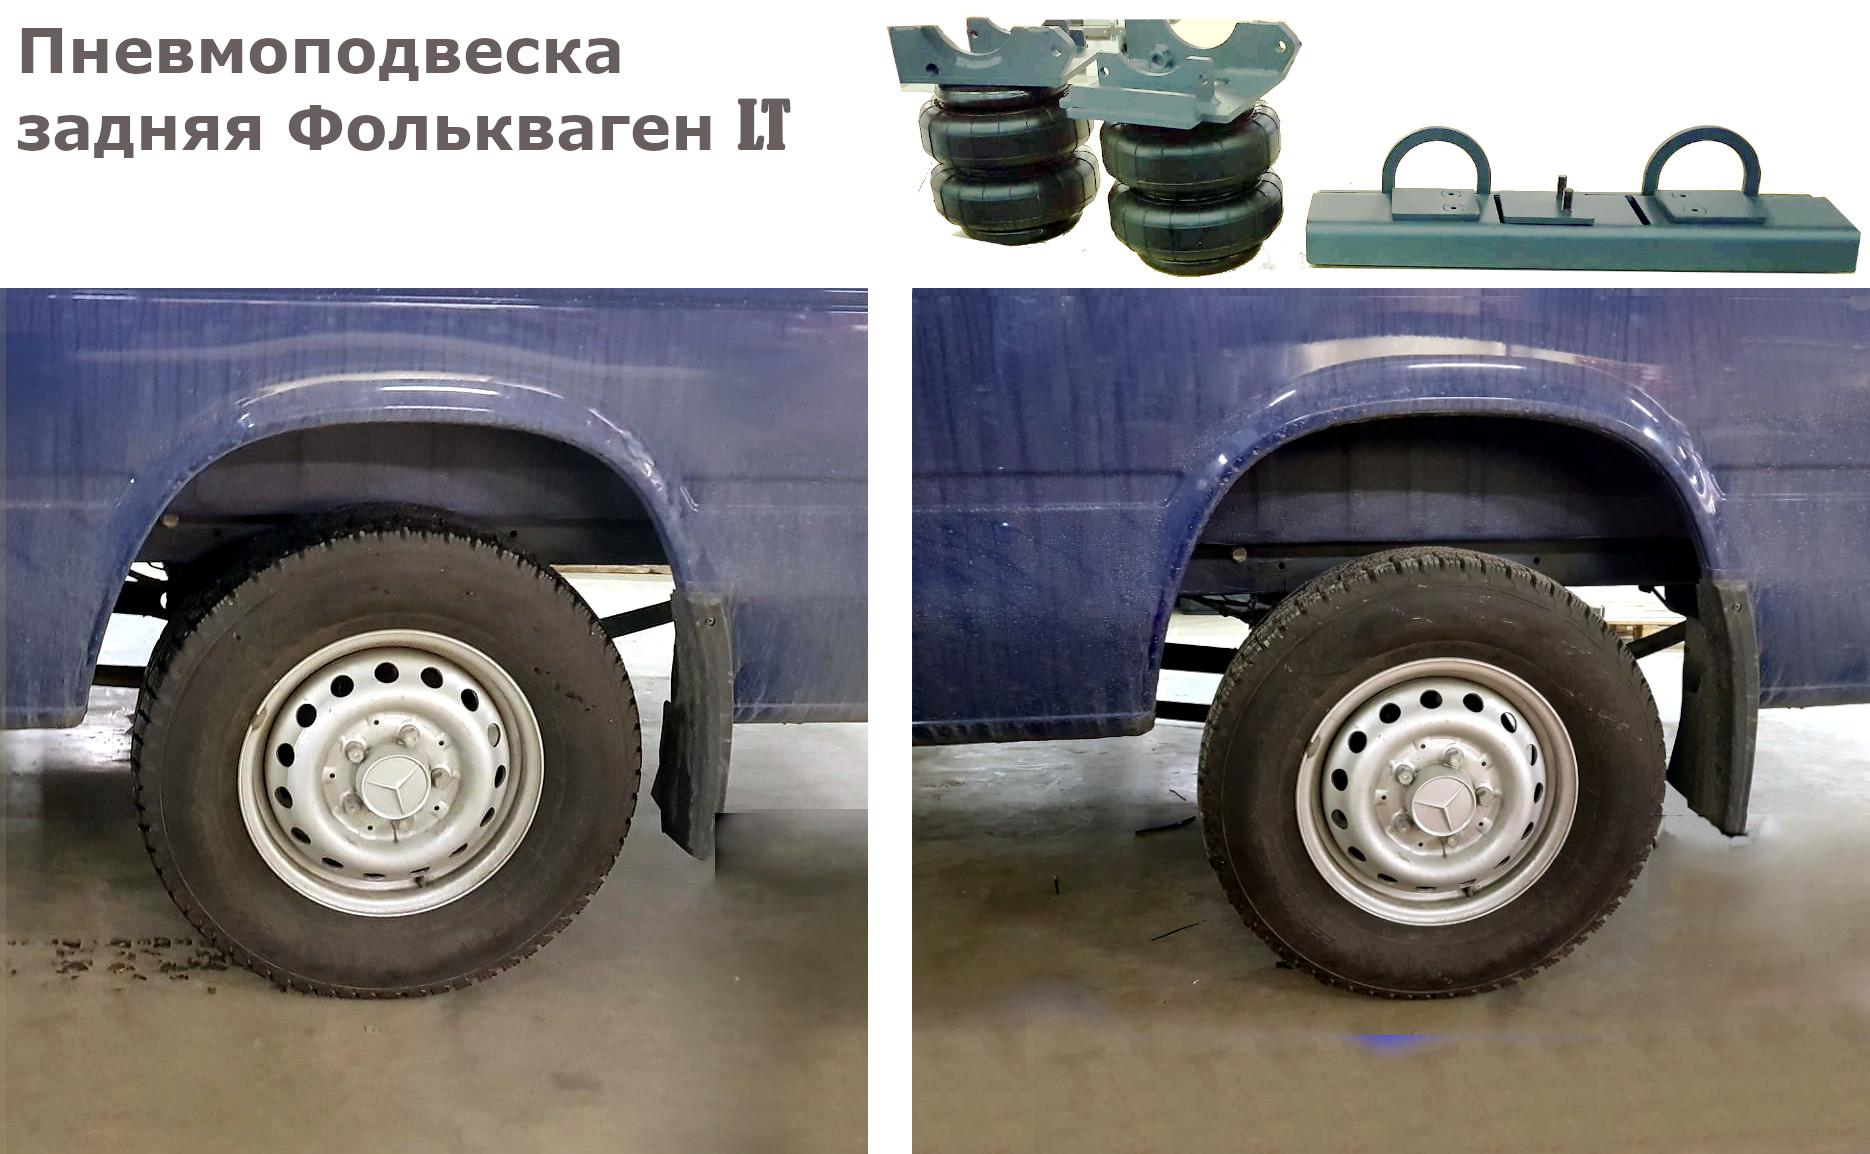 Пневмоподвеска задняя Фольксваген ЛТ